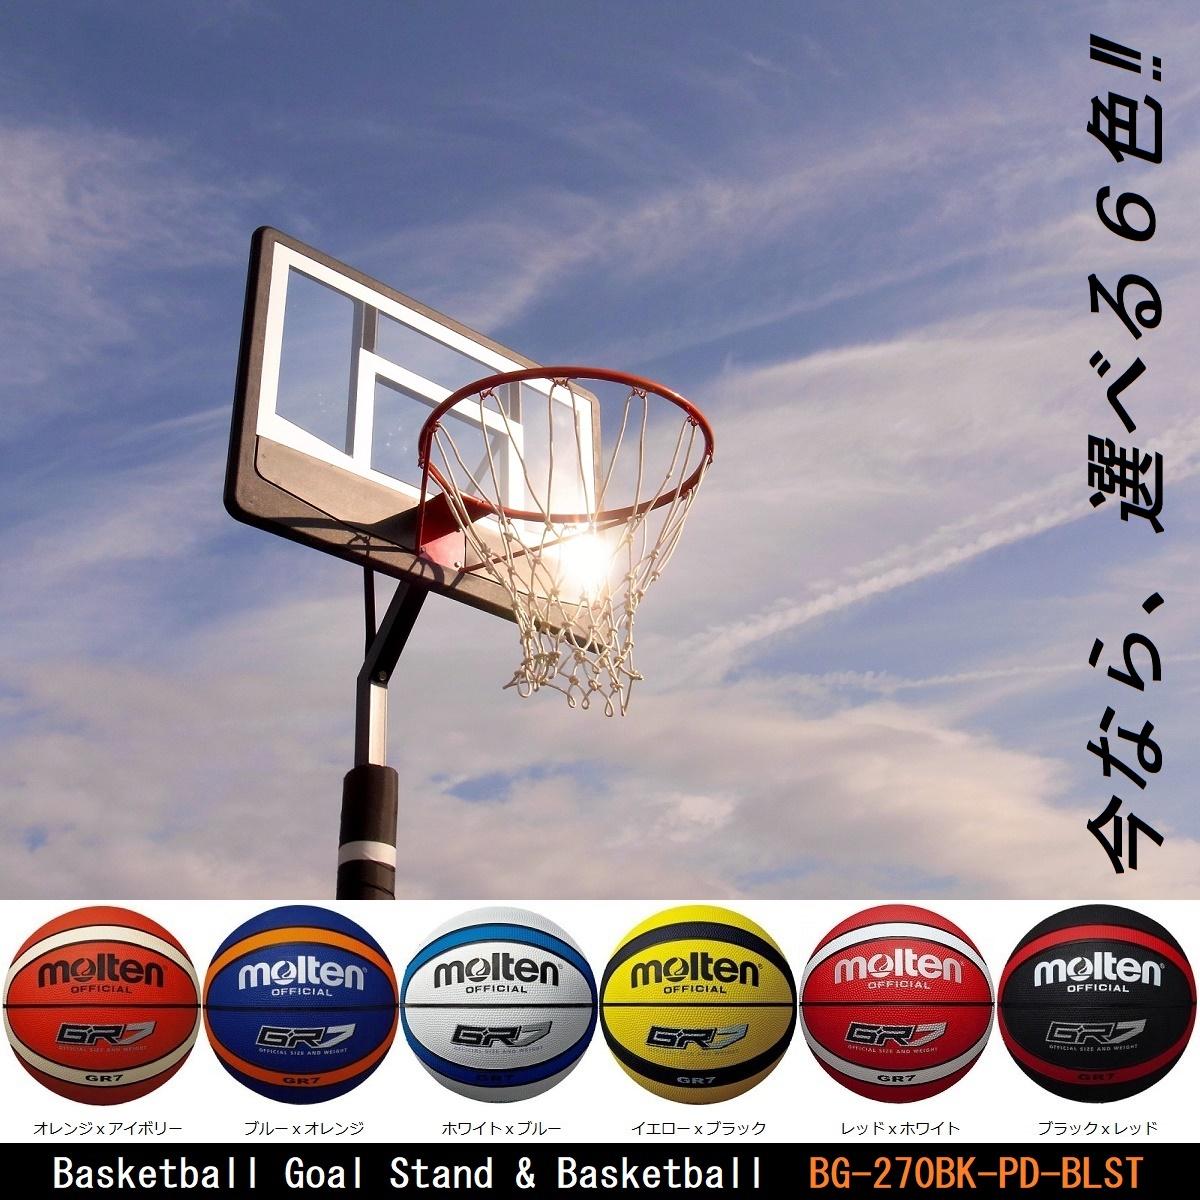 選べる付属ボール レイアップの練習もOK 透明ポリカーボネート、ポールパッド付、BG-270BK-PD オレンジリング、極太ネット バスケットゴール 屋外 家庭用 バスケットボール ゴール